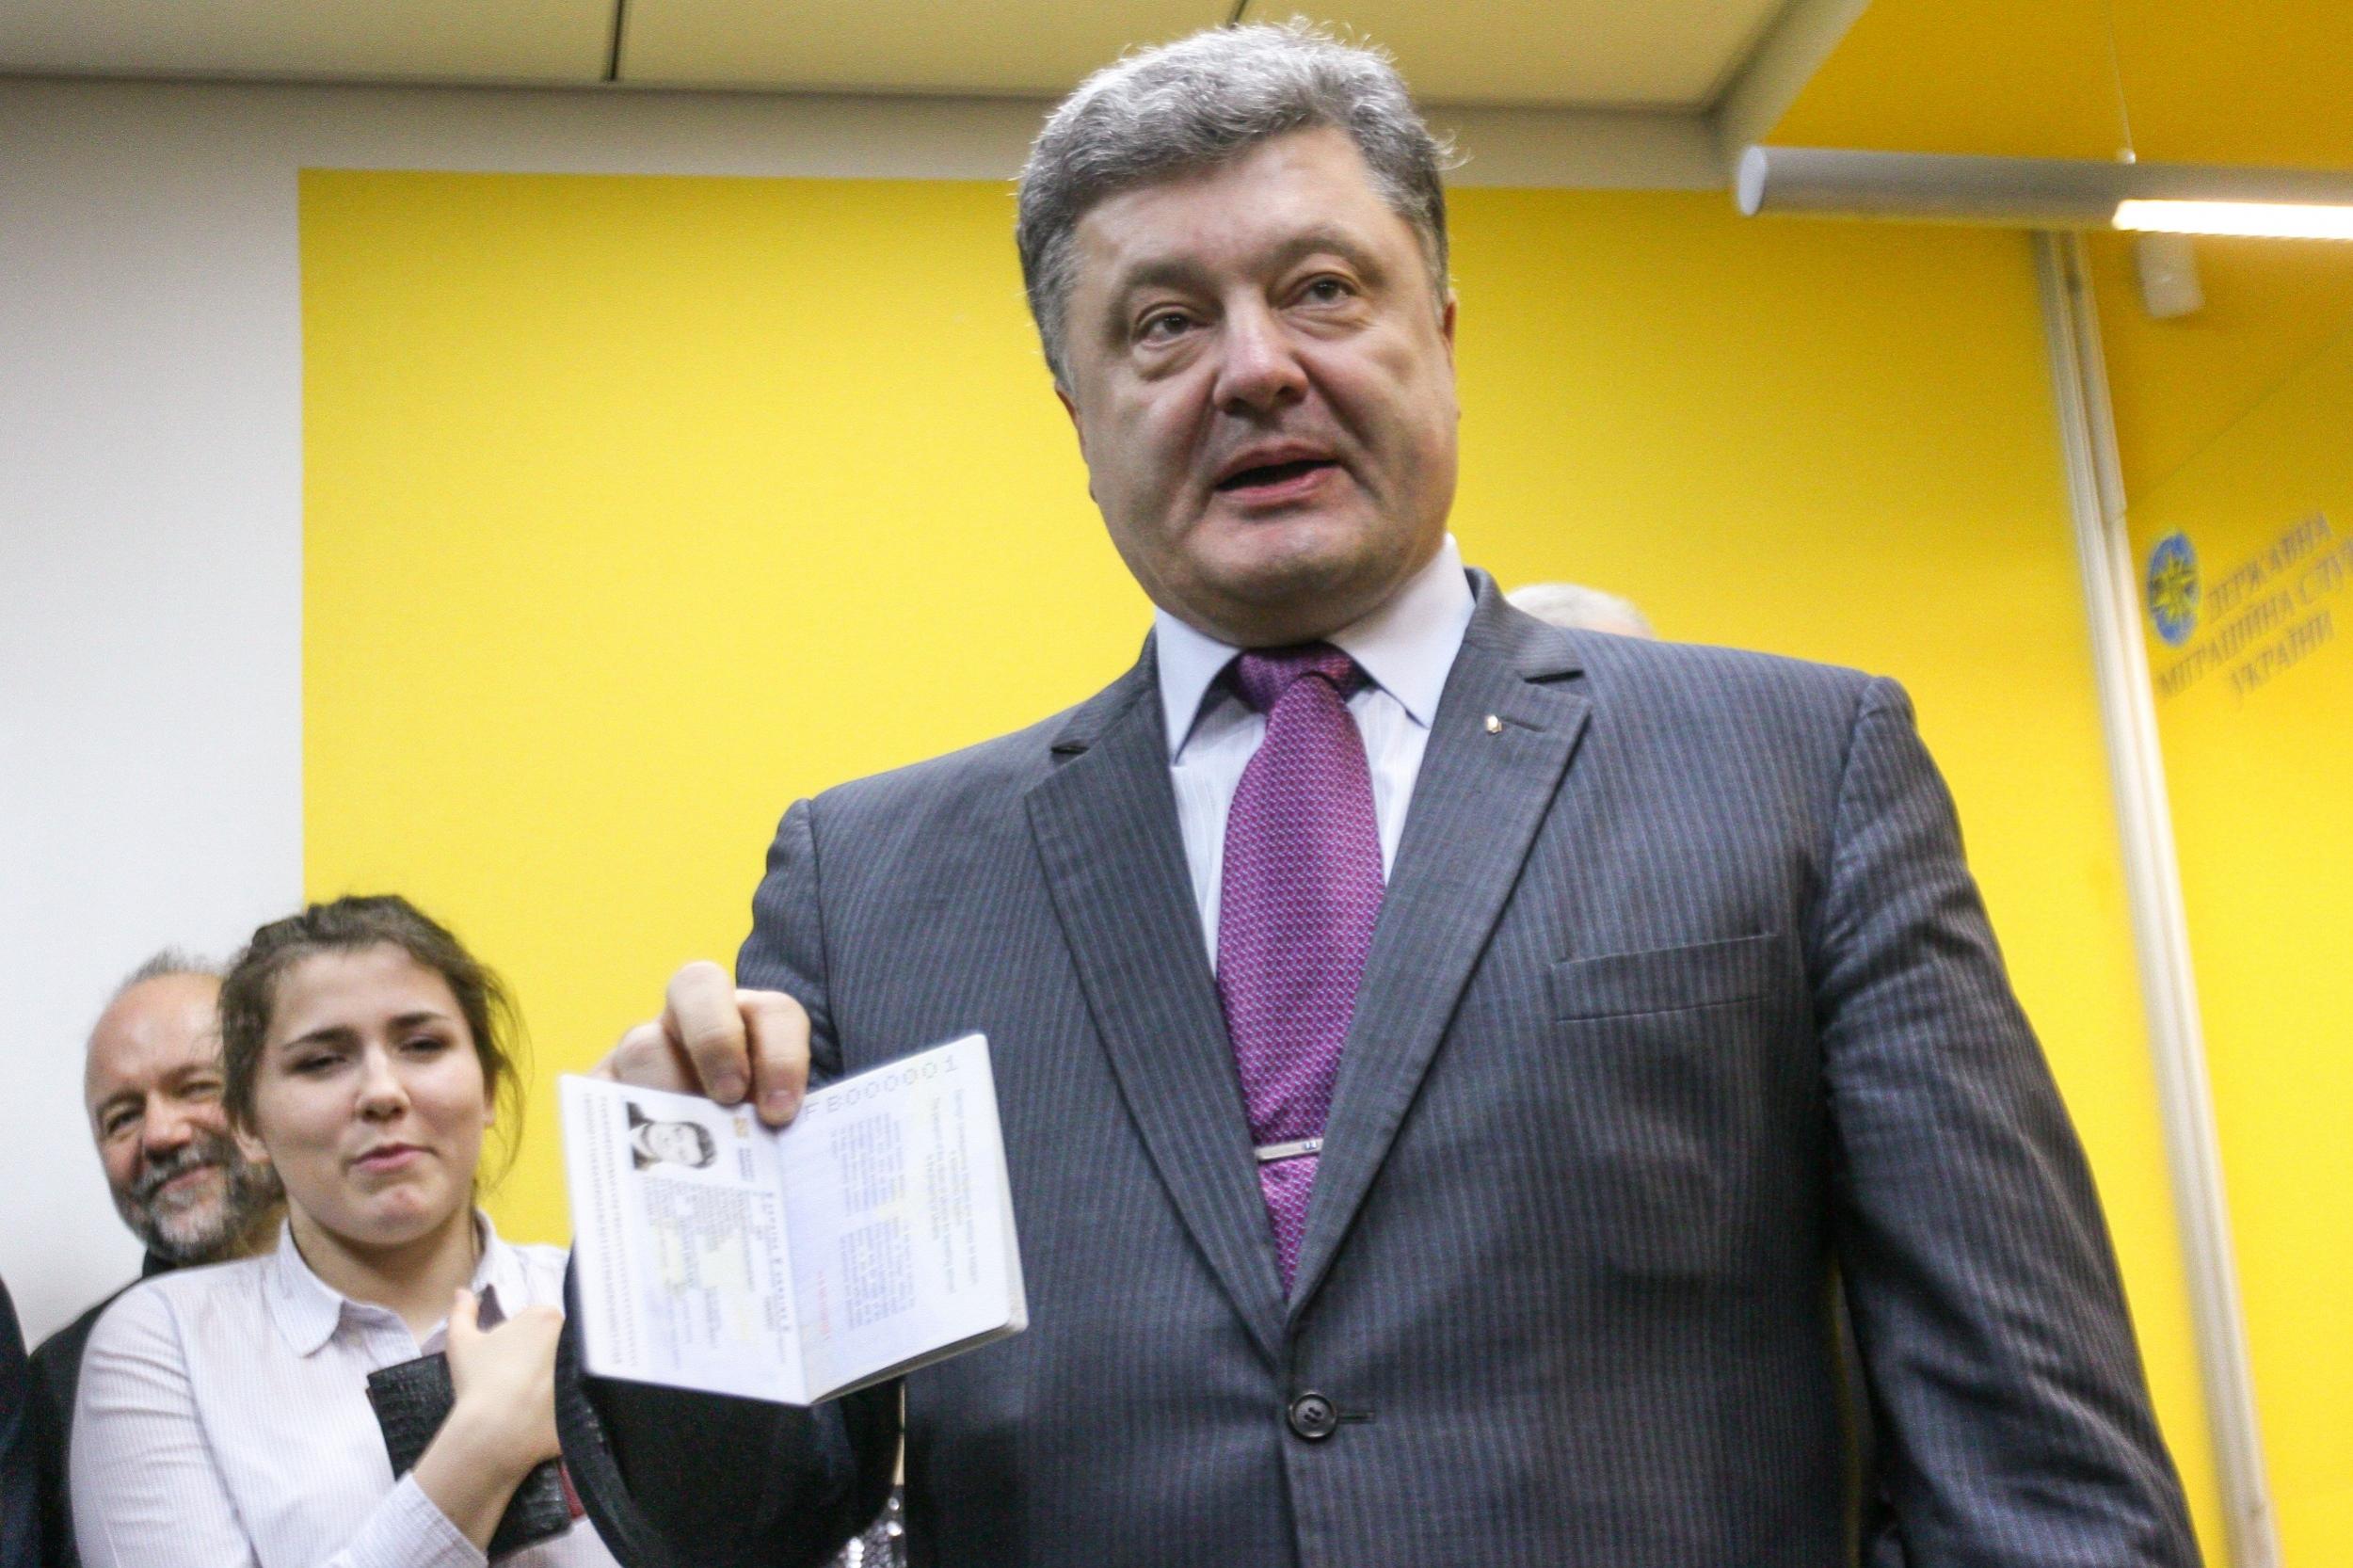 Украинский паспорт входит в 30-ку самых сильных паспортов мира